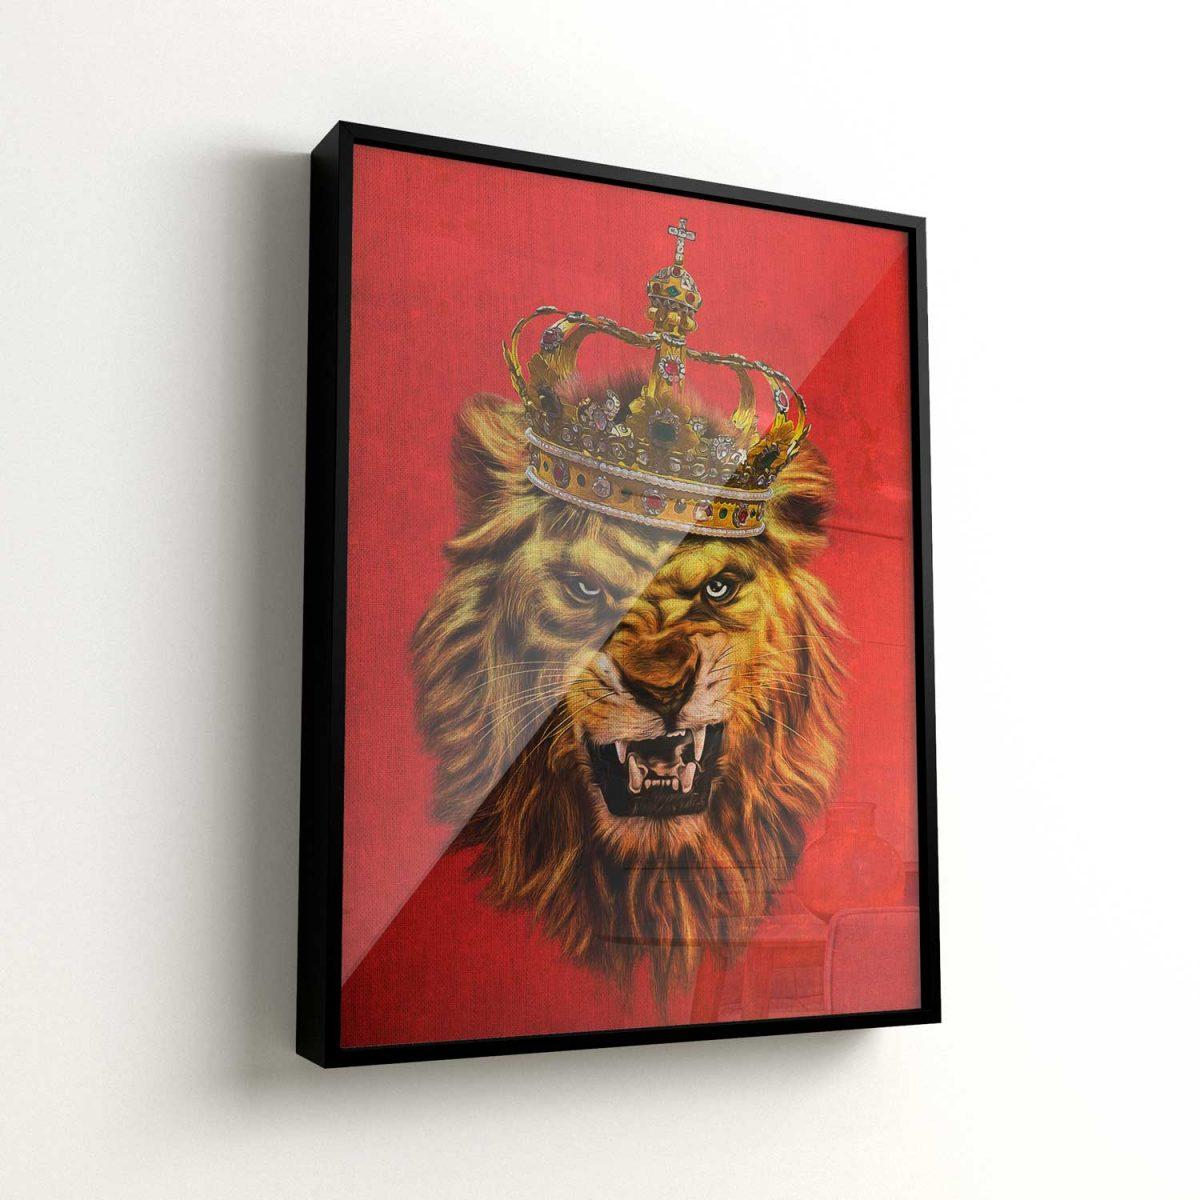 Quadro O Rei Leão moldura mais vidro